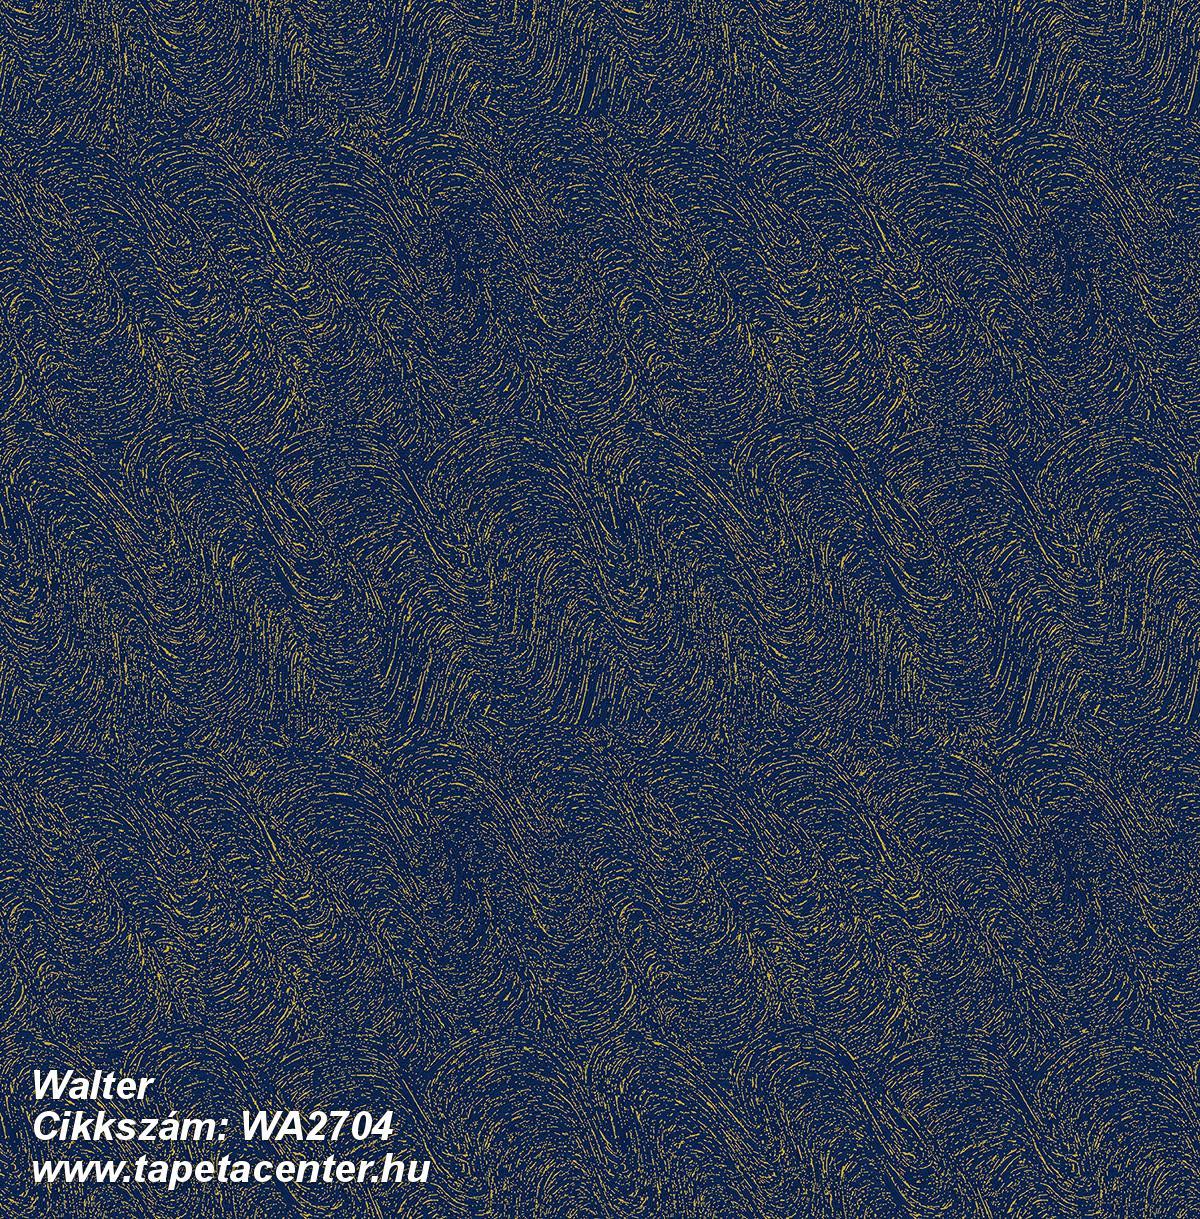 Absztrakt,különleges felületű,arany,kék,gyengén mosható,vlies tapéta